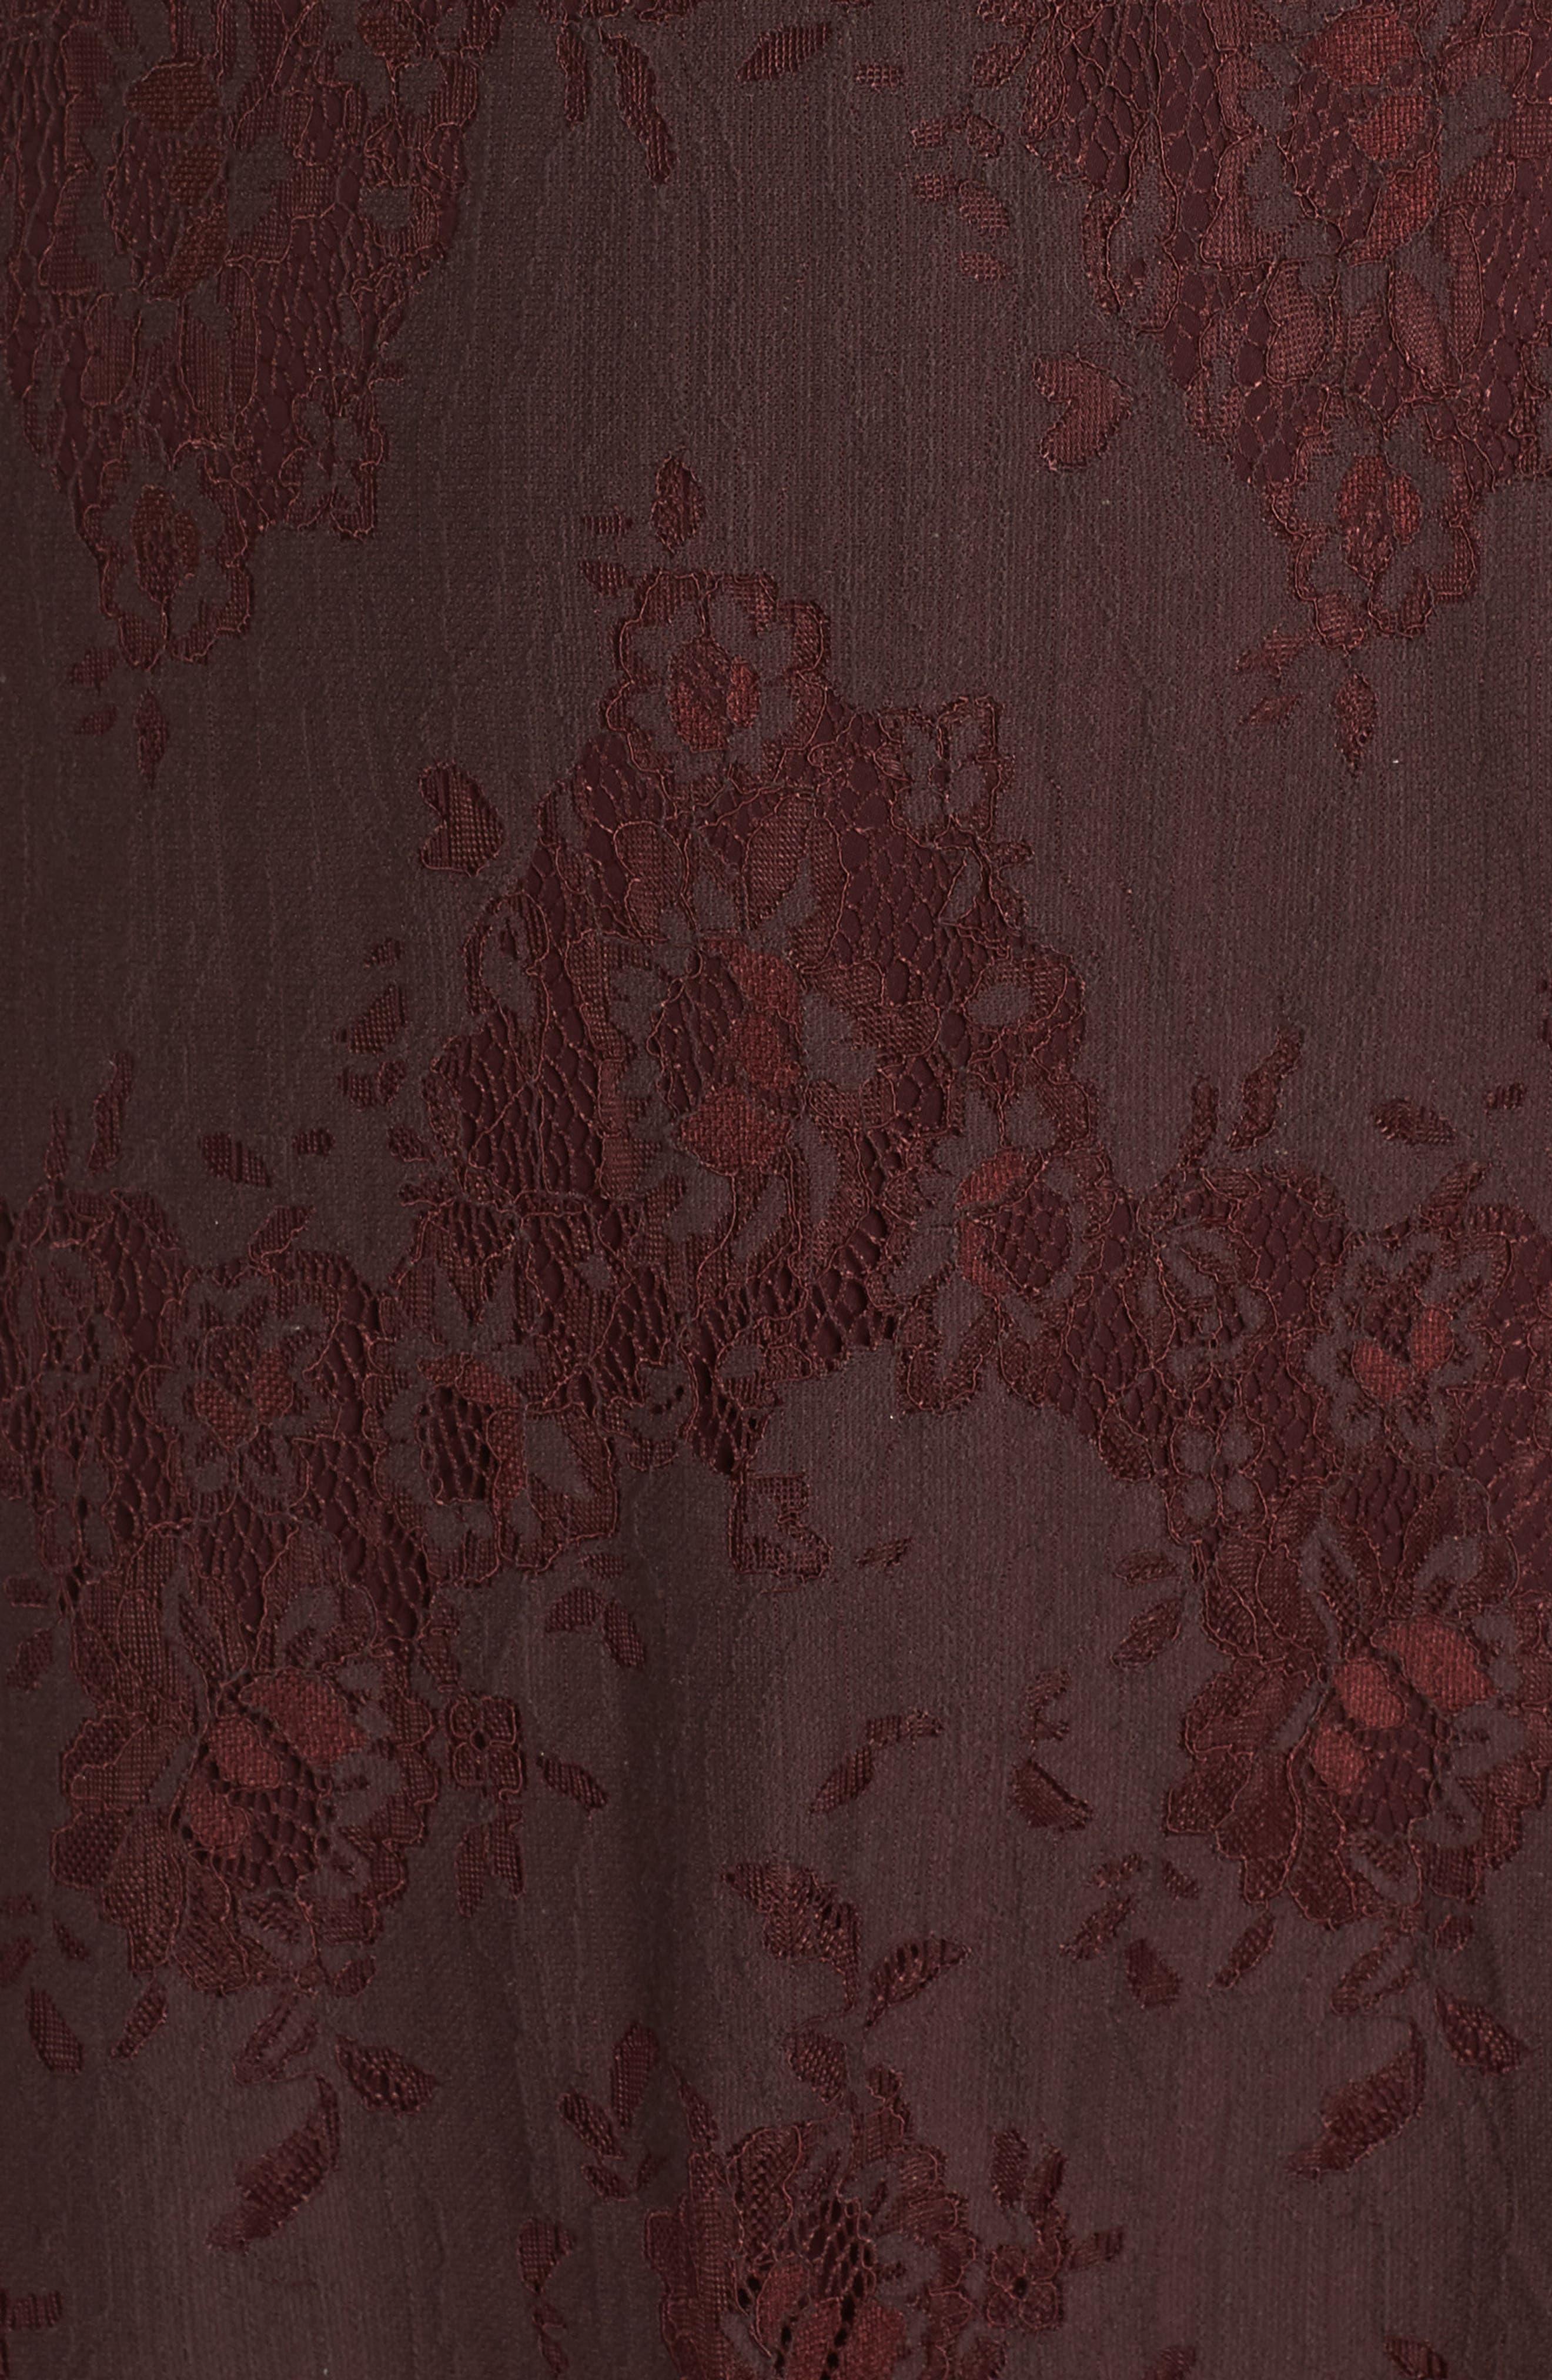 Cold Shoulder Lace A-Line Dress,                             Alternate thumbnail 5, color,